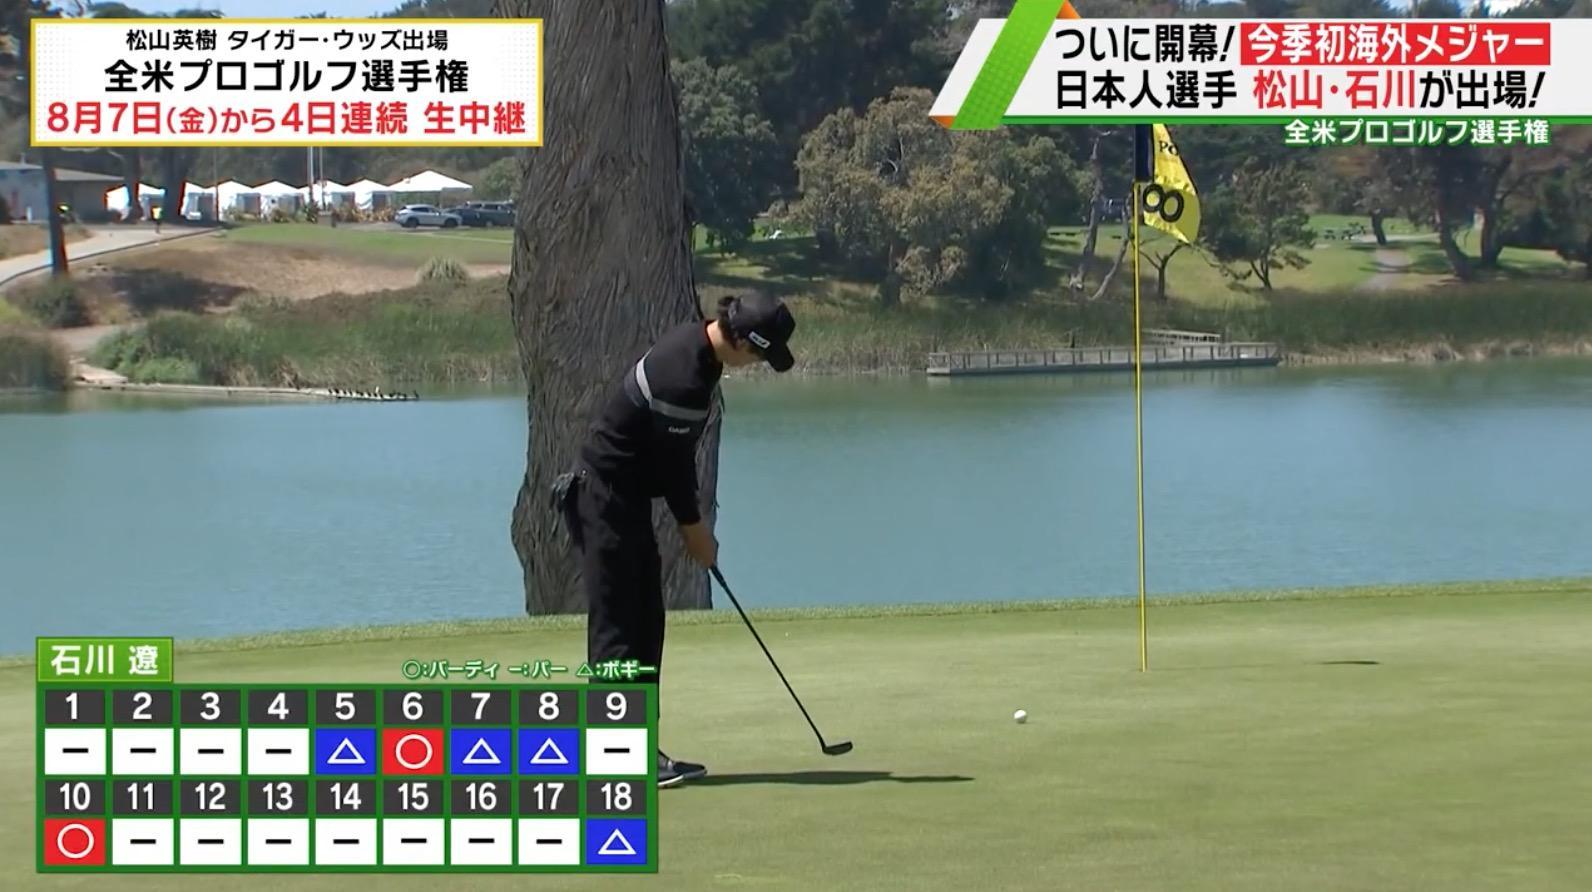 全米プロゴルフ選手権開幕 (ゴルフスタジオZAMET 赤坂)